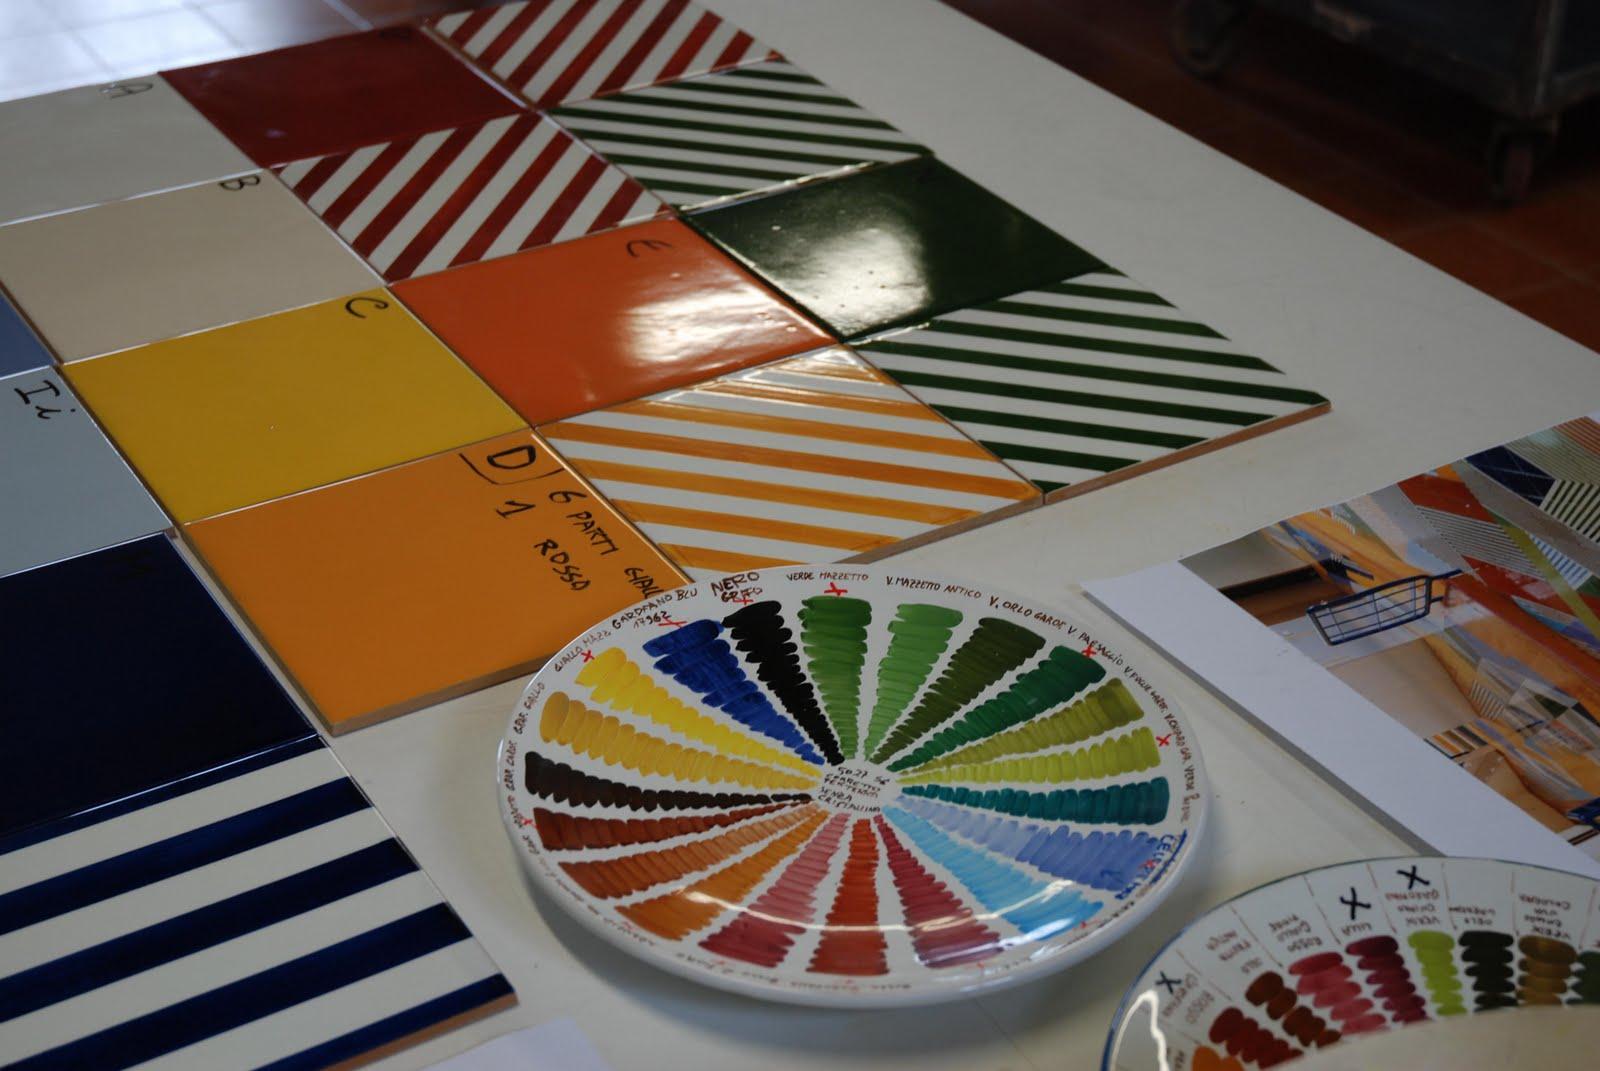 Materia Ceramica Un Progetto Per Raccontarla : Gio ponti pavimento scultura cooperativa ceramica d imola